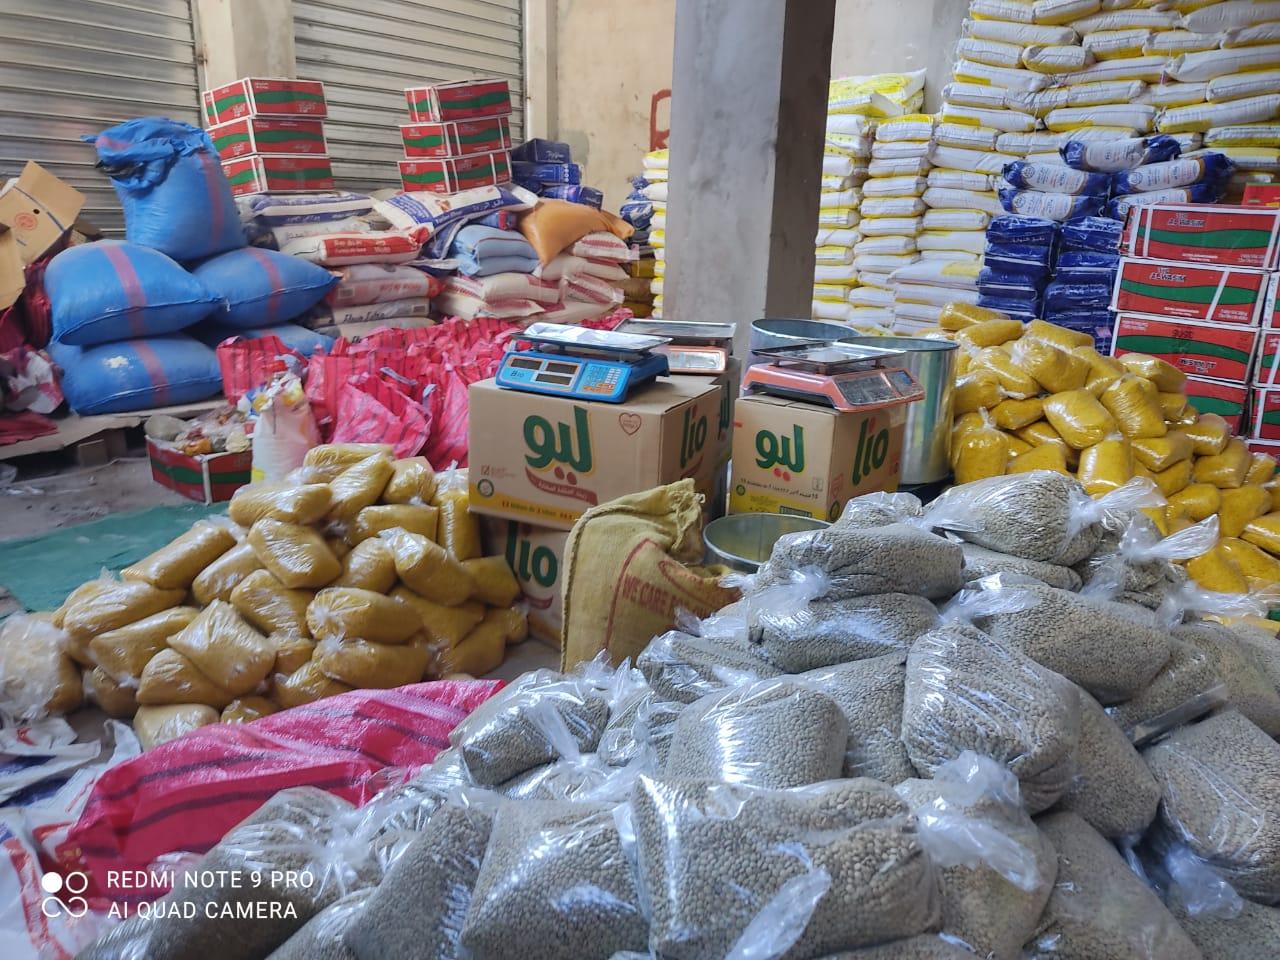 مبادرة تضامنية.. أحد المحسنين بسيدي بنور يُوزع ازيد من 22 طن من المواد الغدائية على 1000 عائلة معوزة